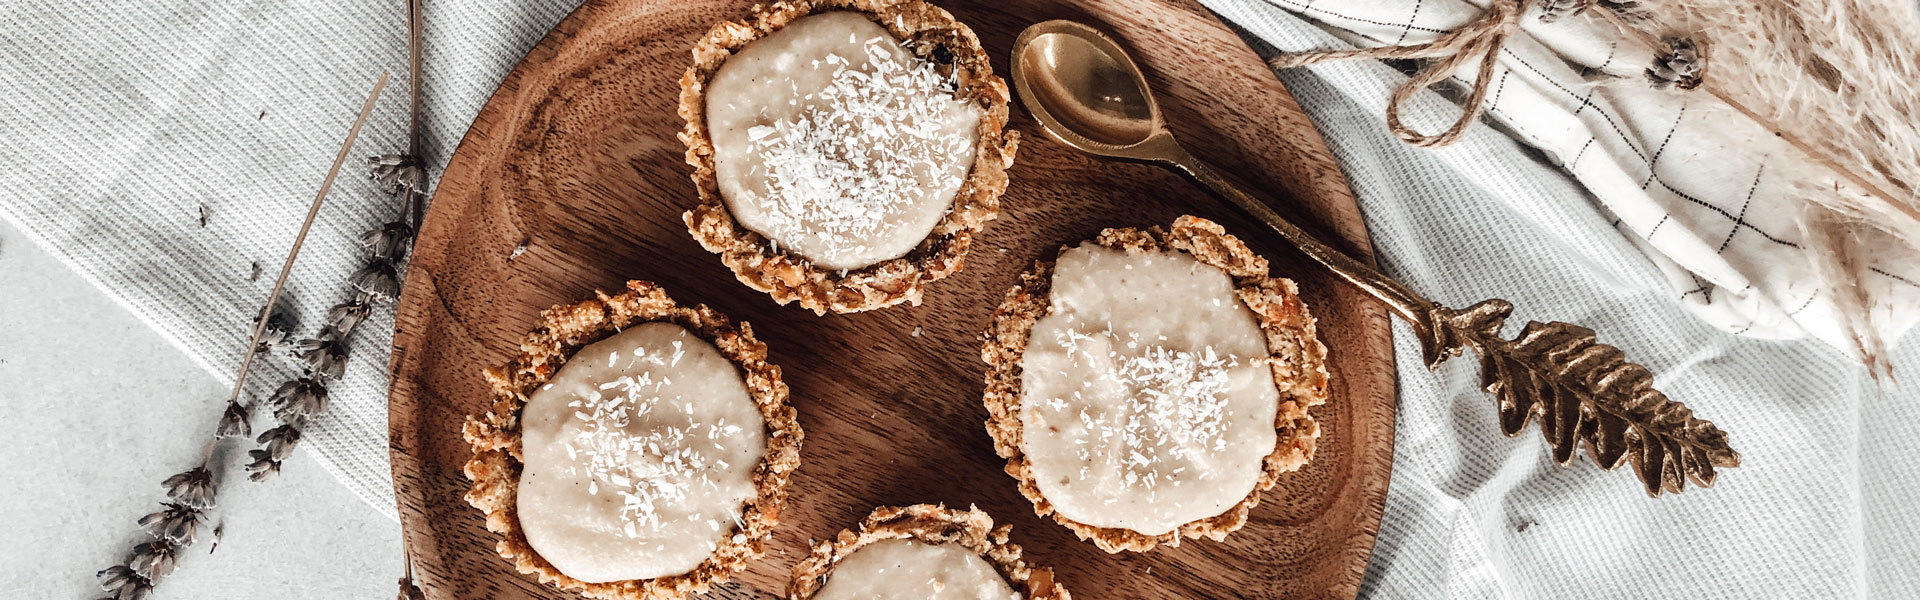 lifesteilblog bodyreset gesundesessen health glutenfree sugarfree